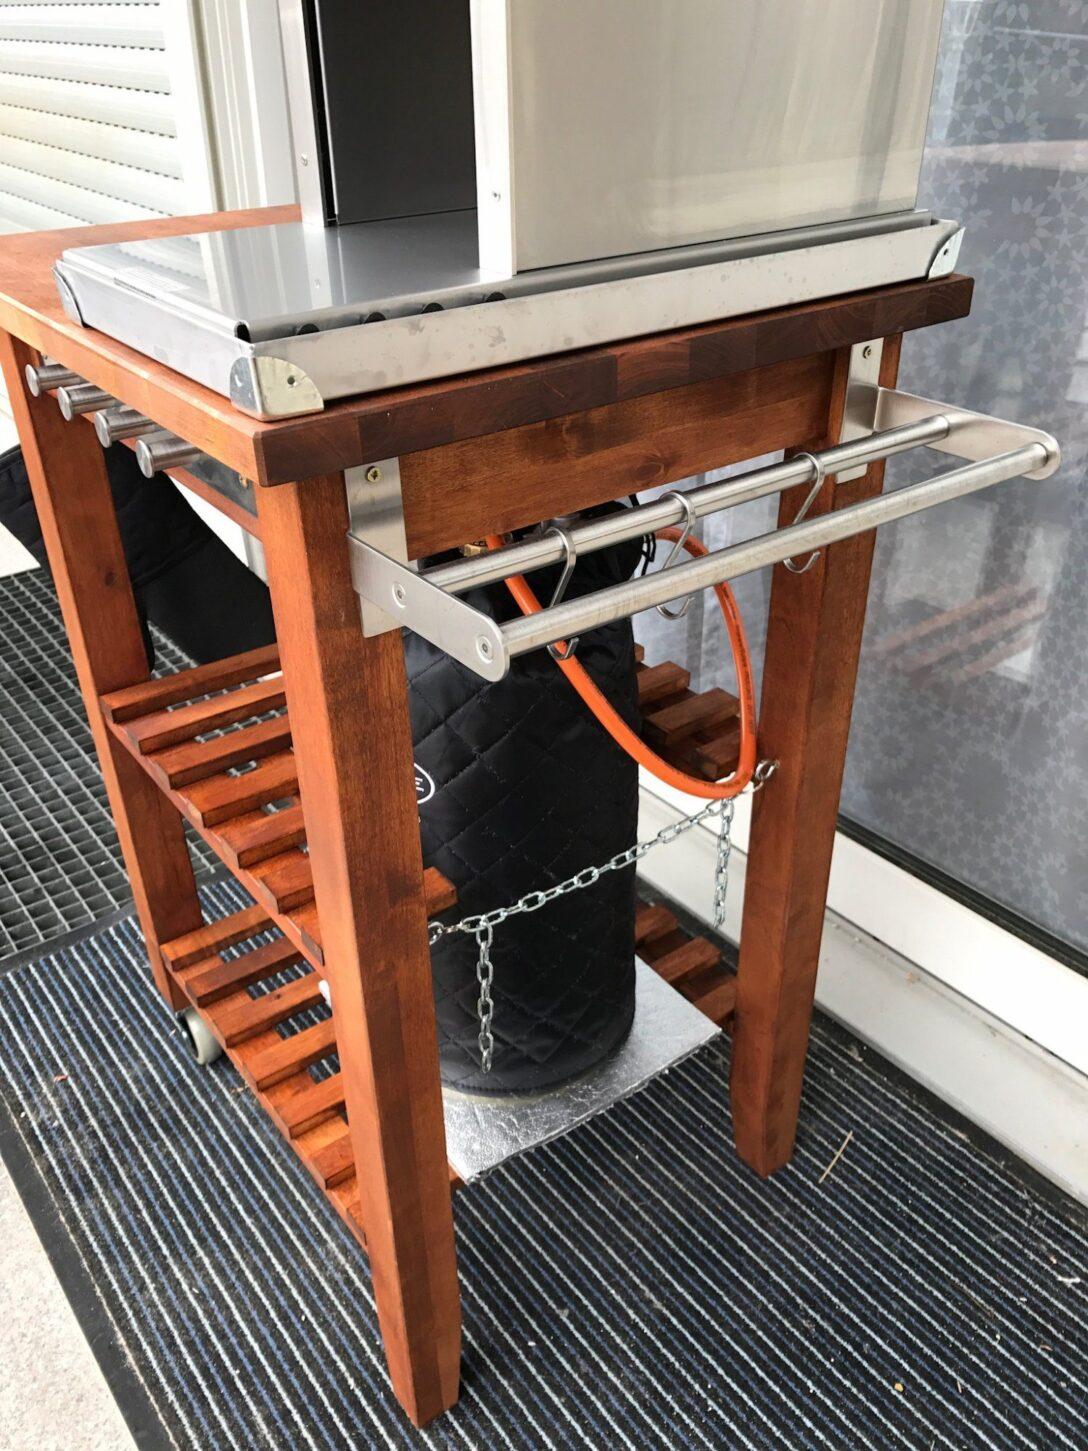 Large Size of Weber Grill Beistelltisch Ikea Tisch Der Bekvm Umbau Modding Threadseite 25 Grillforum Und Bbq Miniküche Küche Kosten Sofa Mit Schlaffunktion Betten 160x200 Wohnzimmer Grill Beistelltisch Ikea